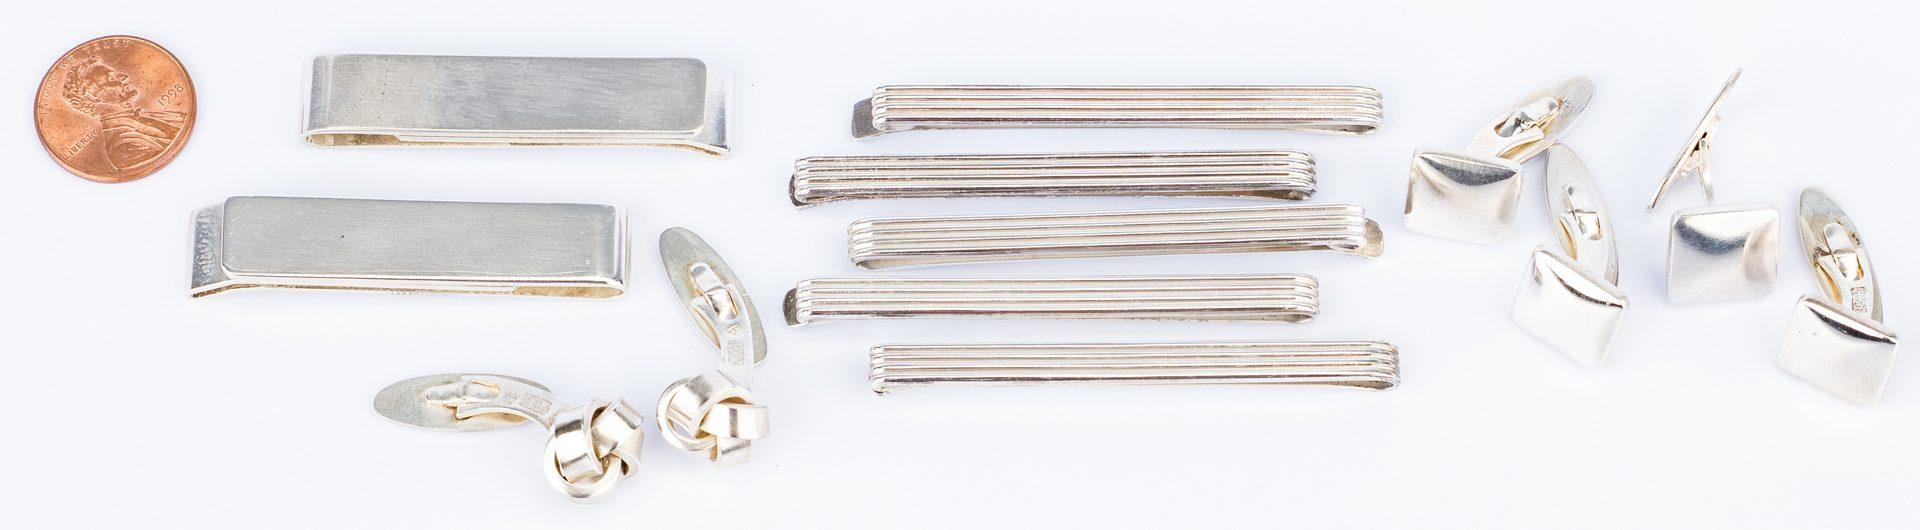 Lot 149: Anton Michelsen Danish Men's Jewelry